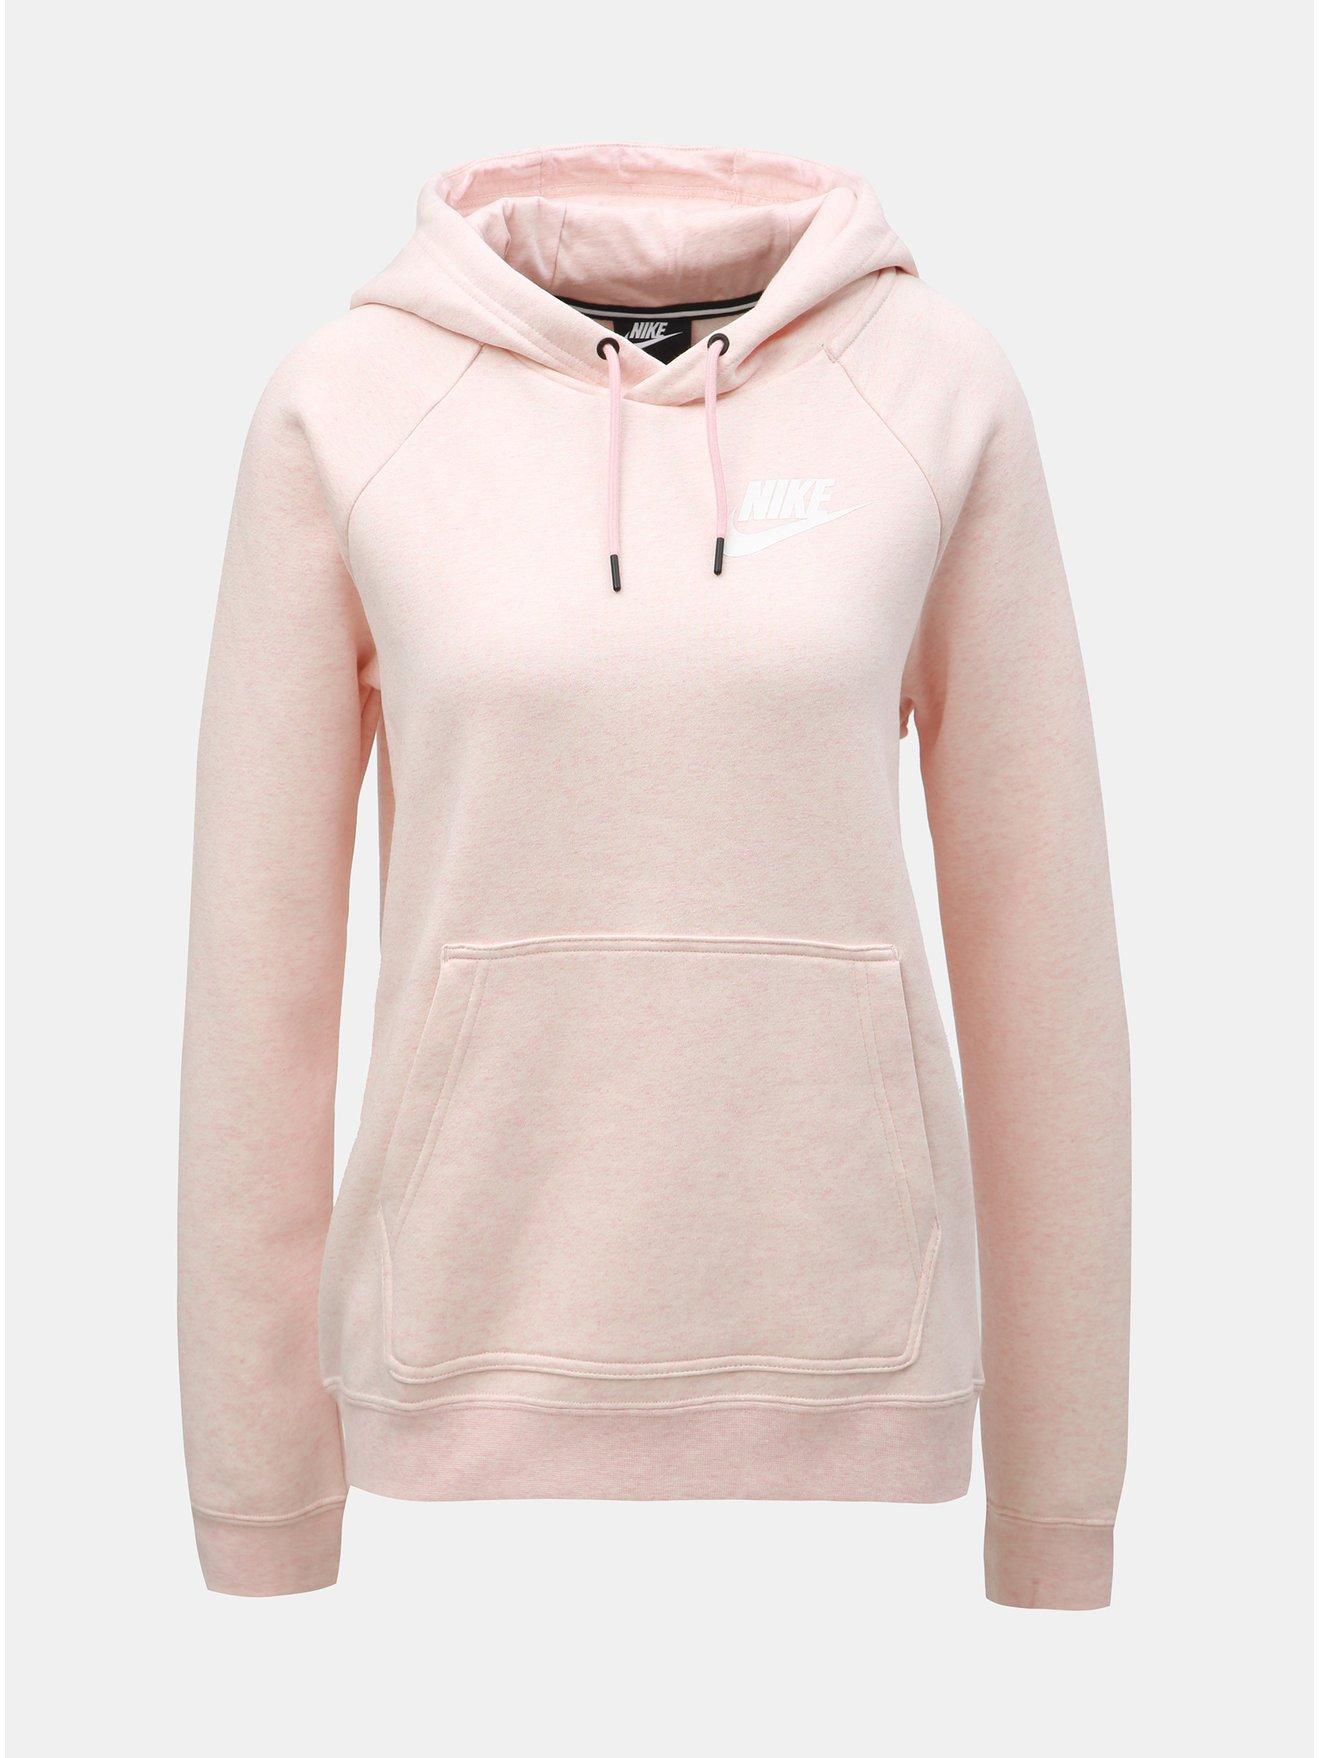 2c8be48e36 Světle růžová dámská žíhaná mikina s kapucí Nike